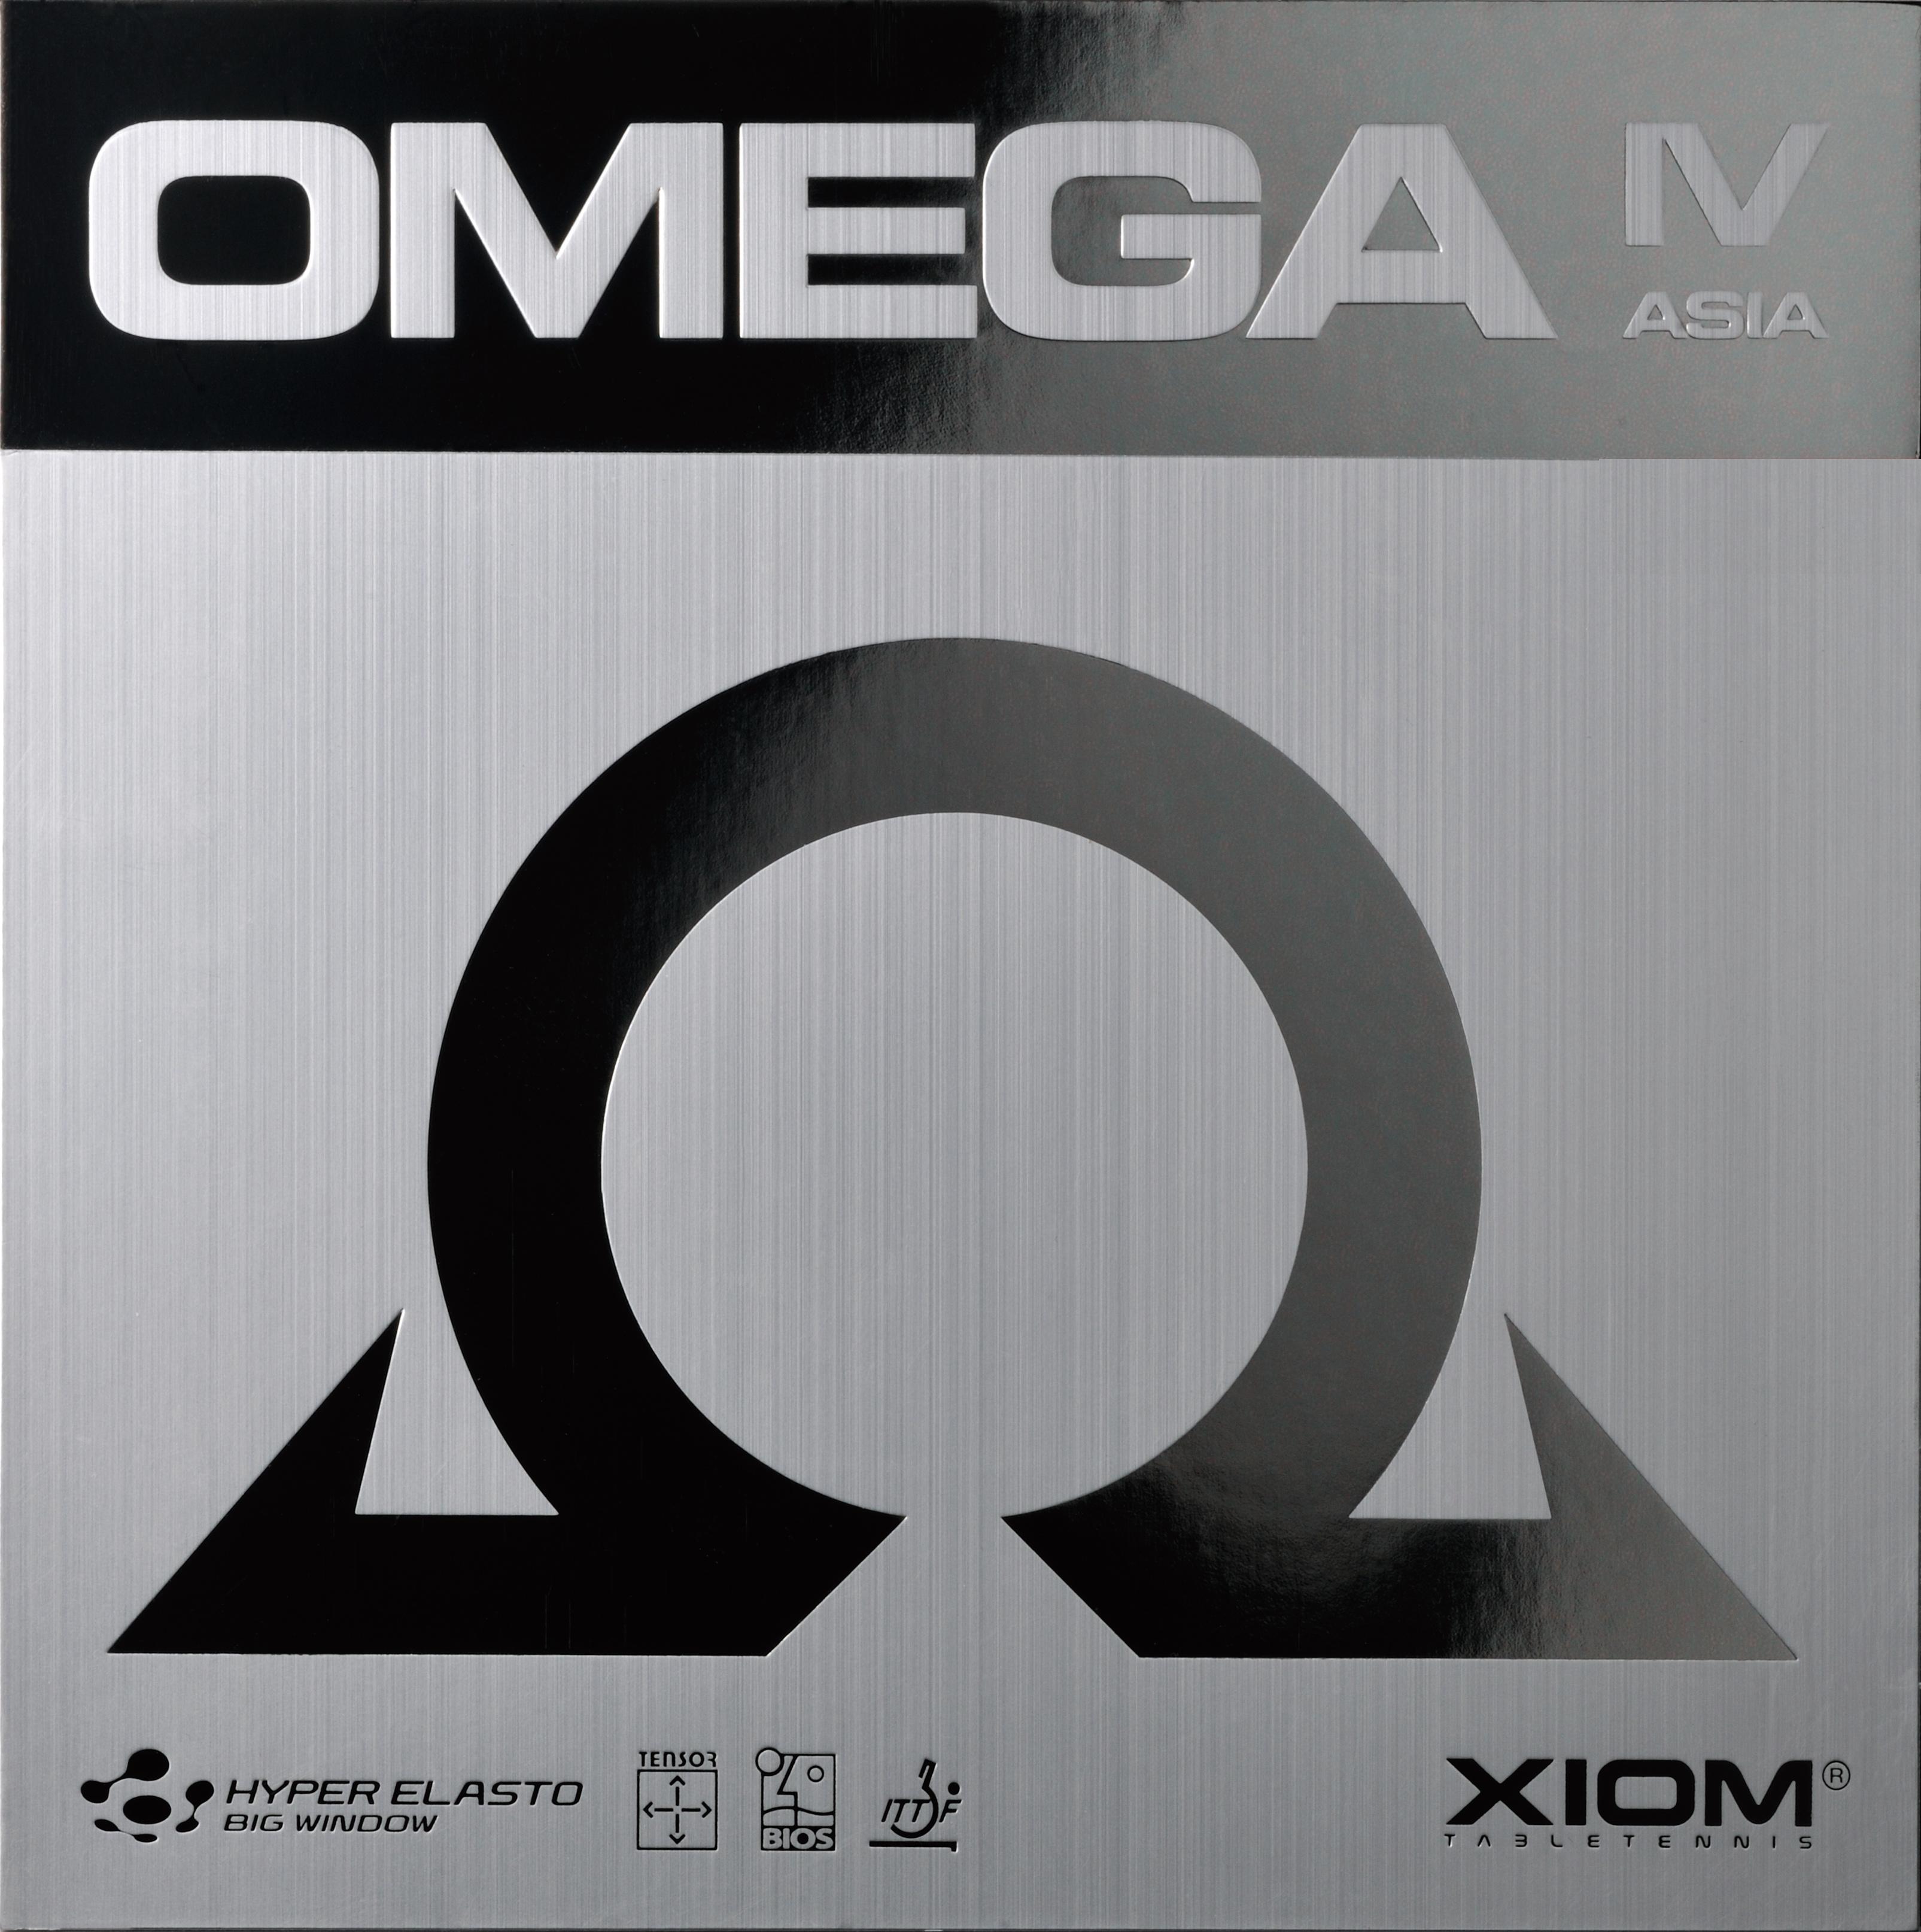 Omega IV Asia